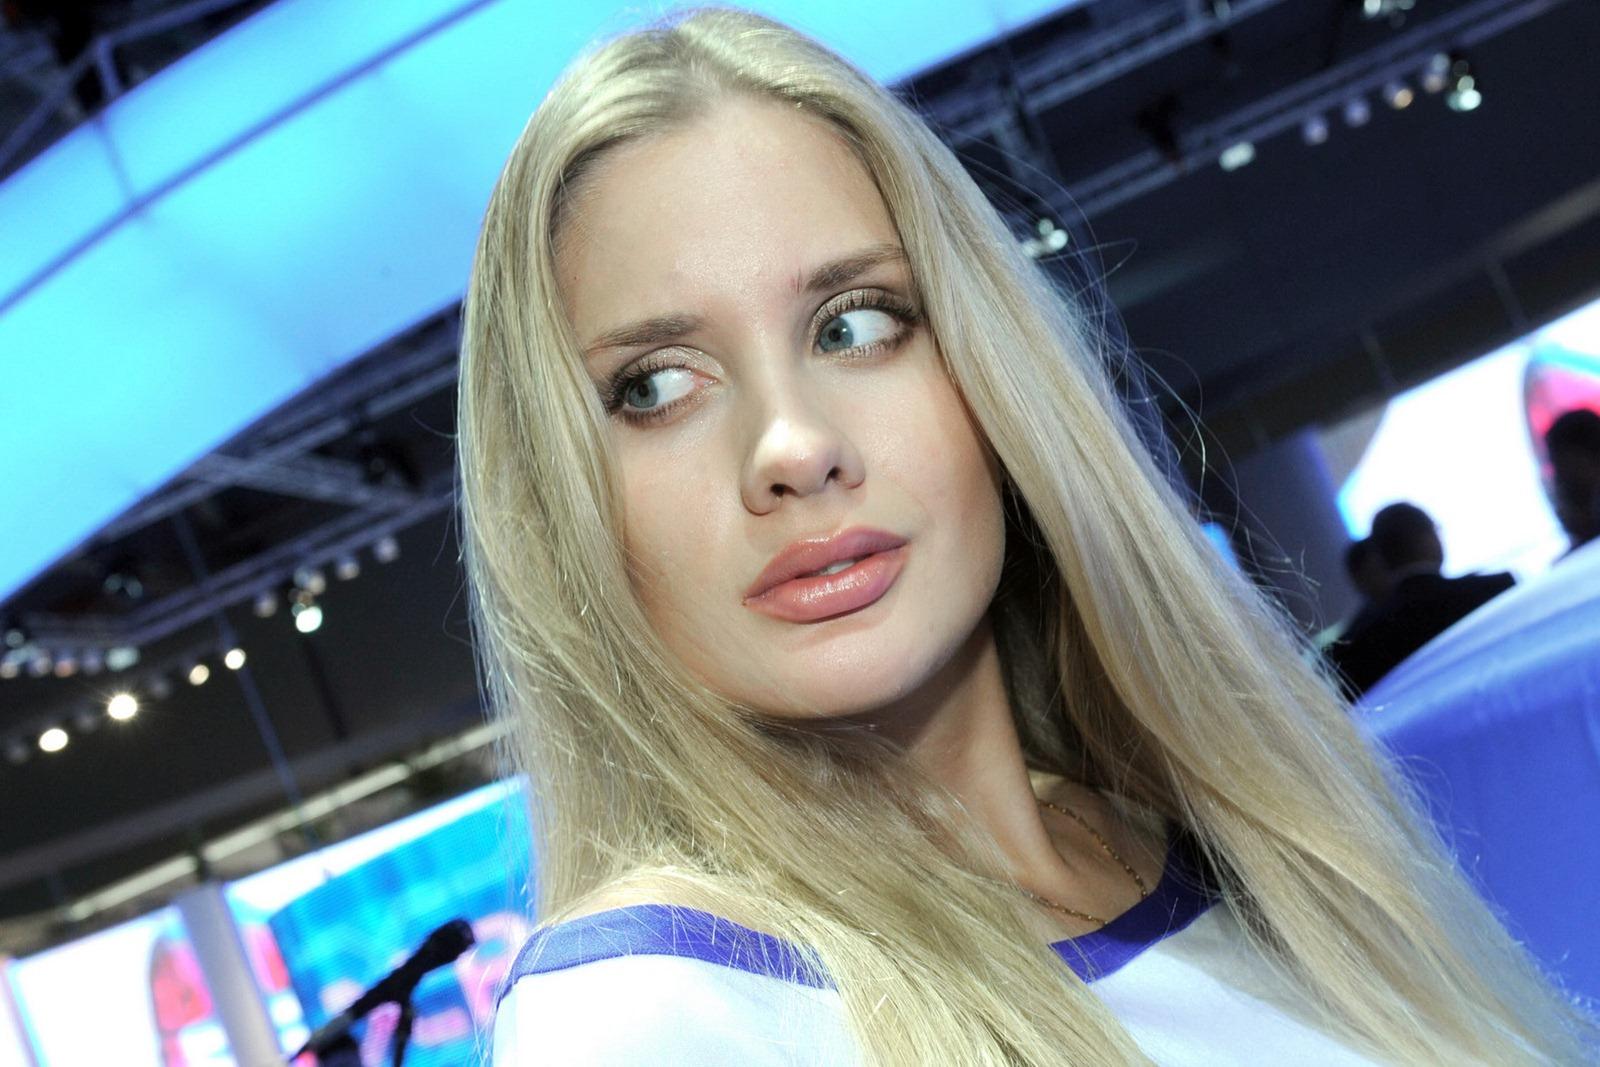 Фото московских девушек 6 фотография